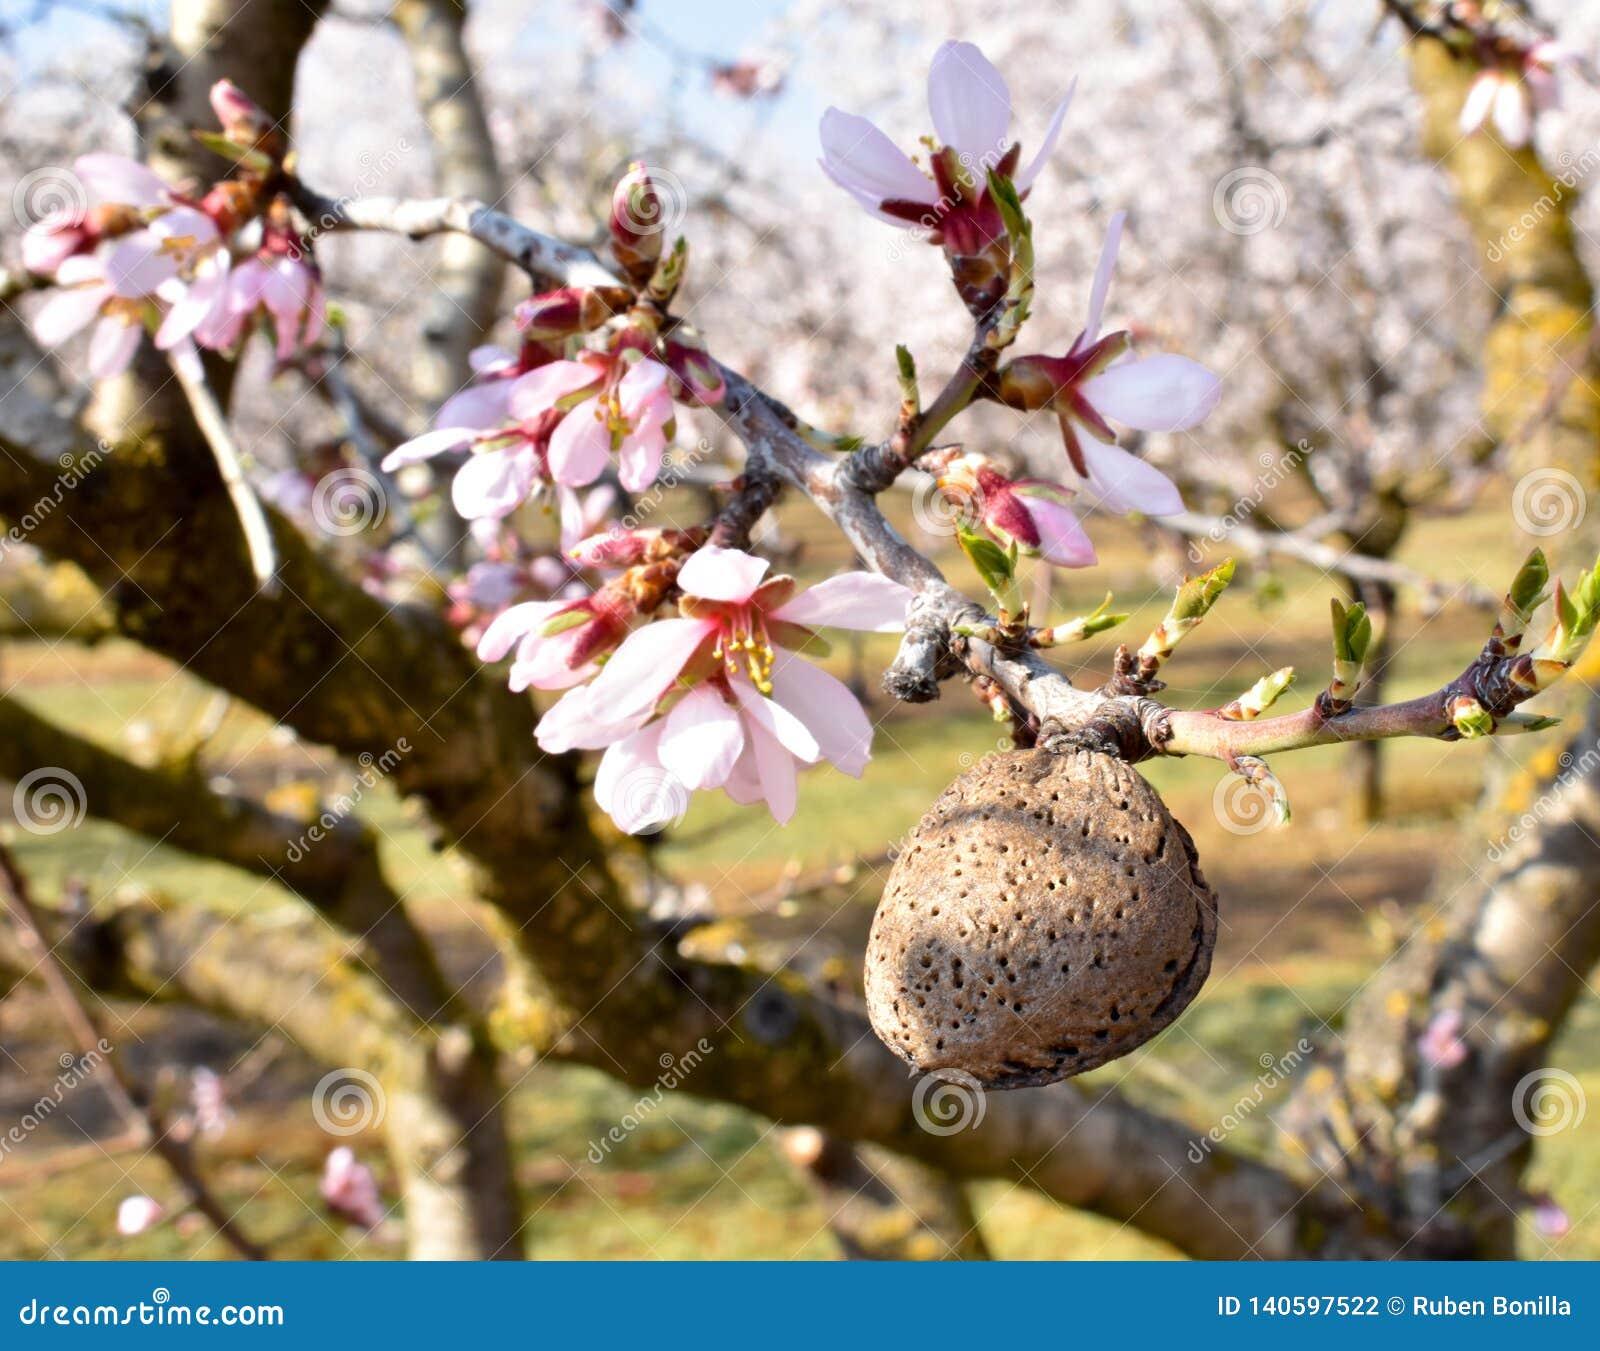 Una almendra y algunas flores blancas de la almendra en el extremo de ramas de un árbol de almendra en un día de primavera con un